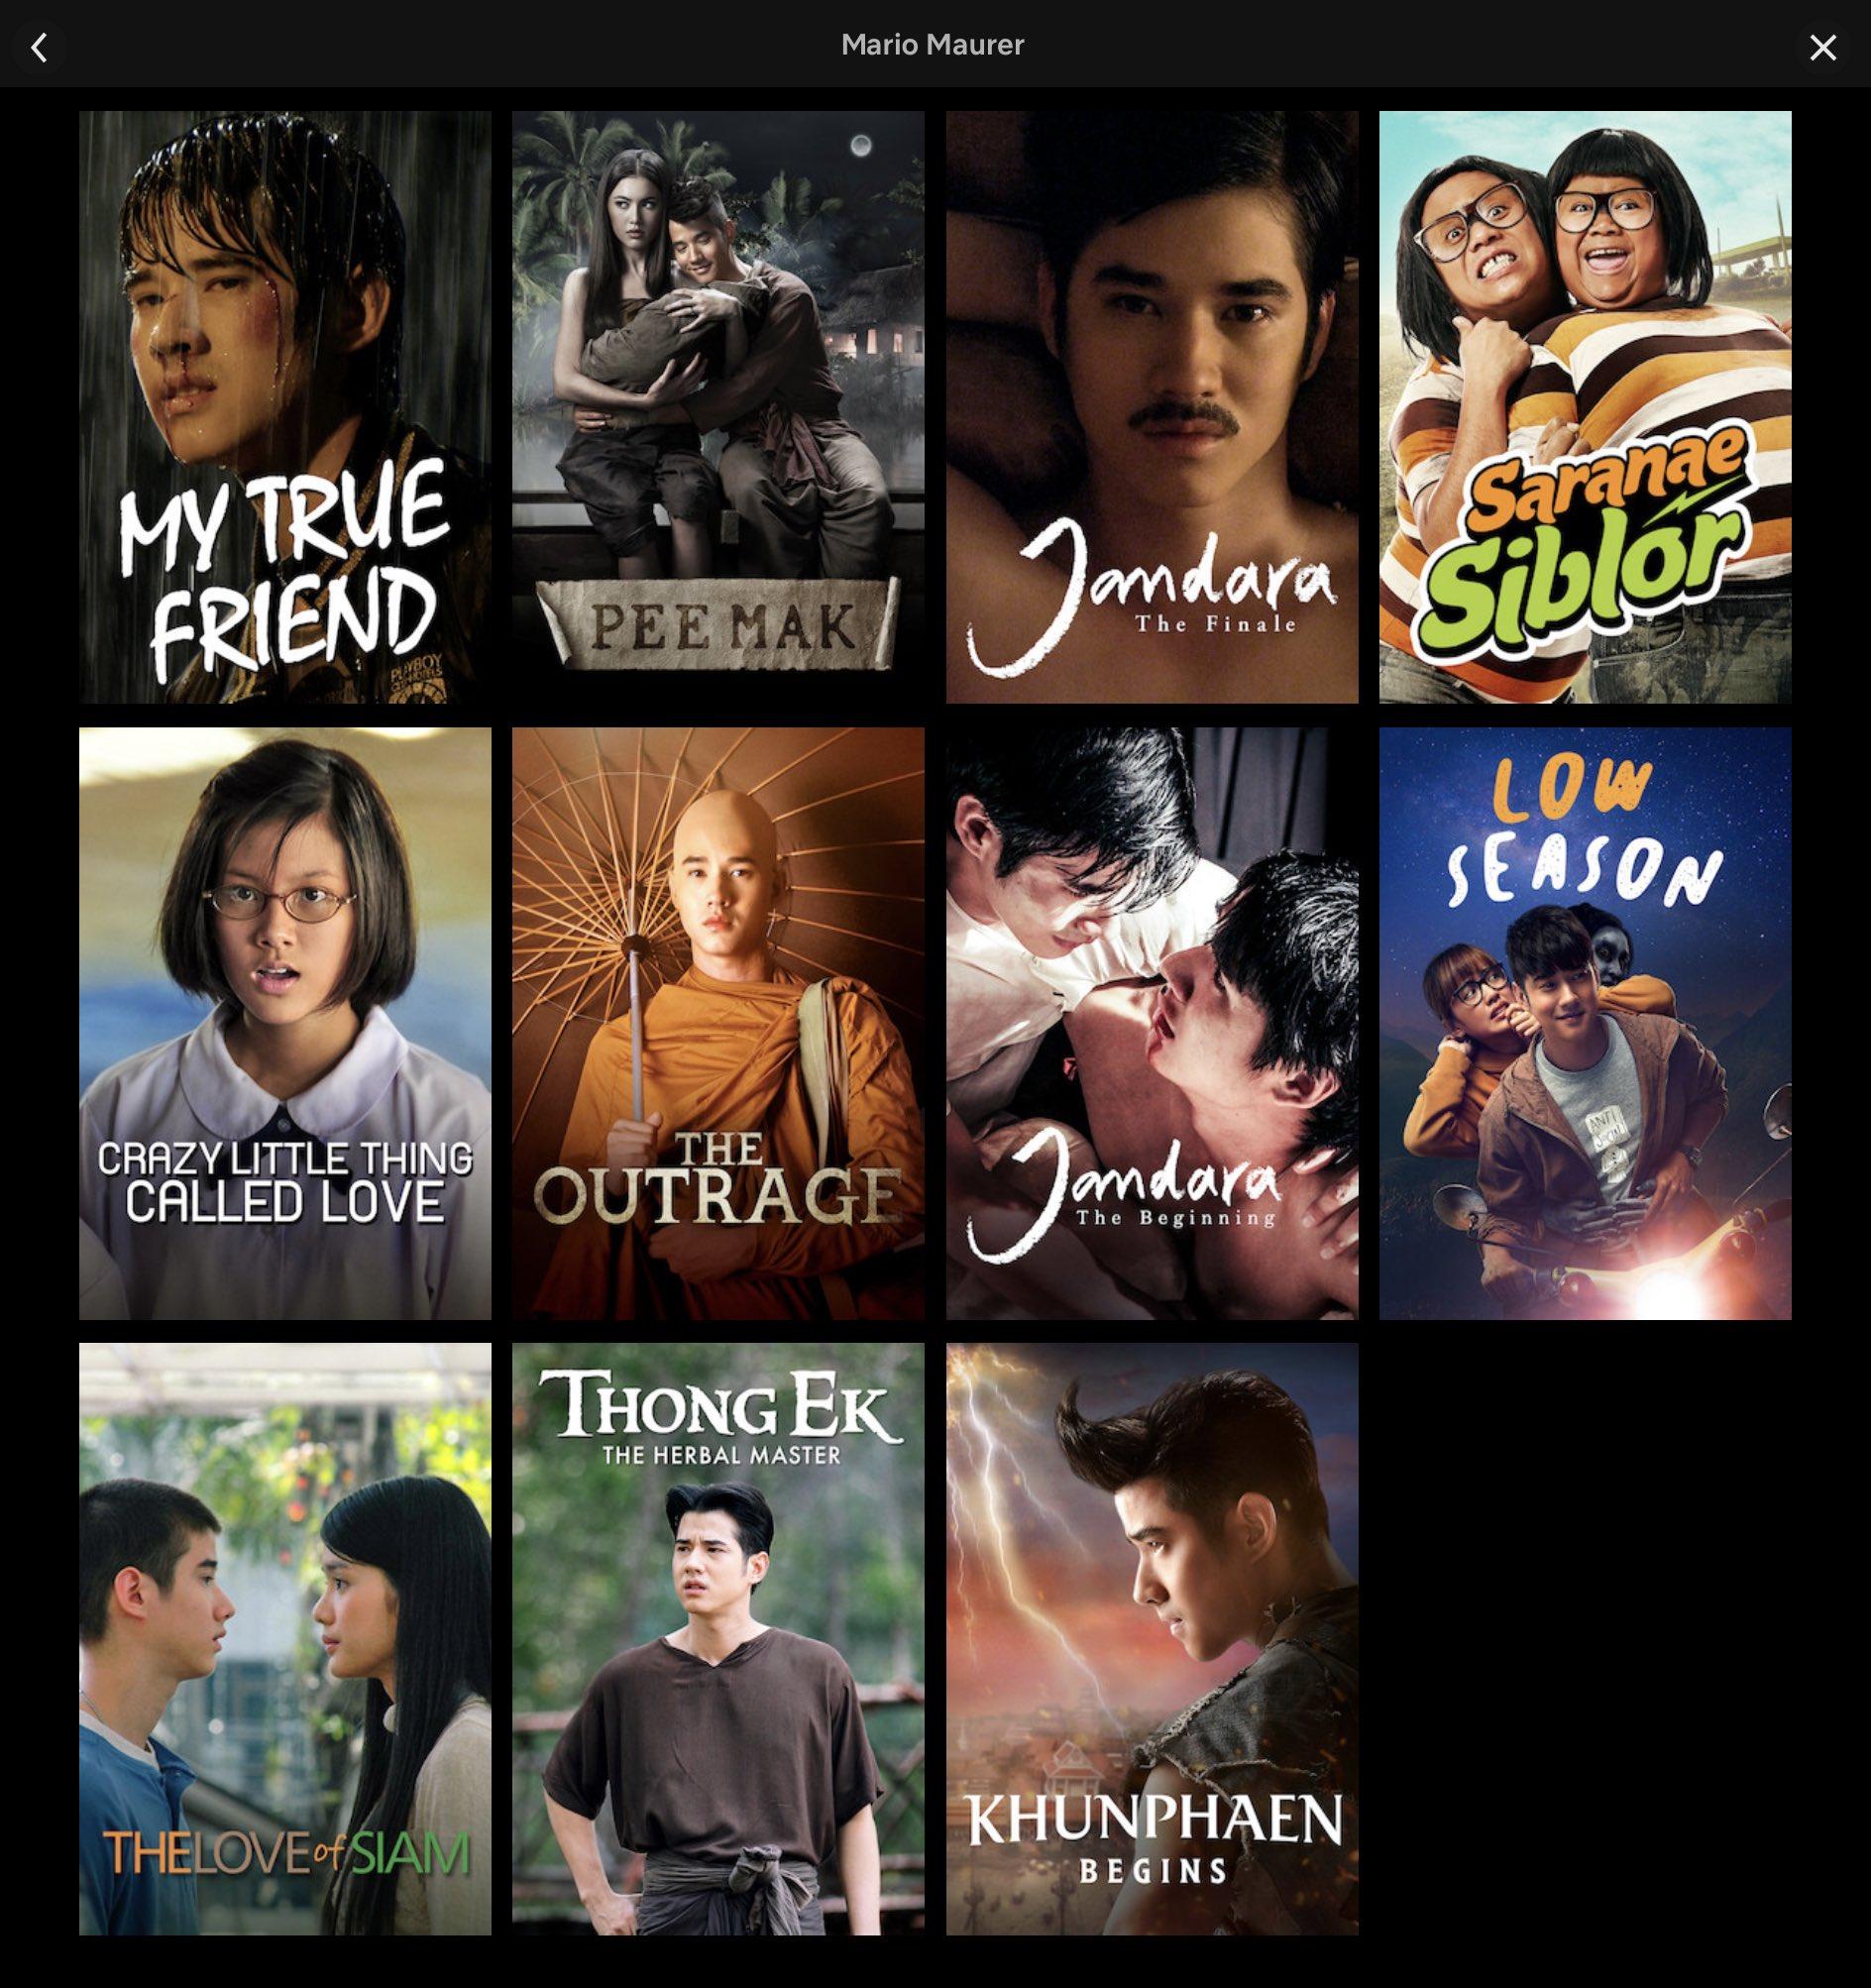 Thai Movie News On Twitter Other Movies Starring Mario Maurer On Netflix In Thailand